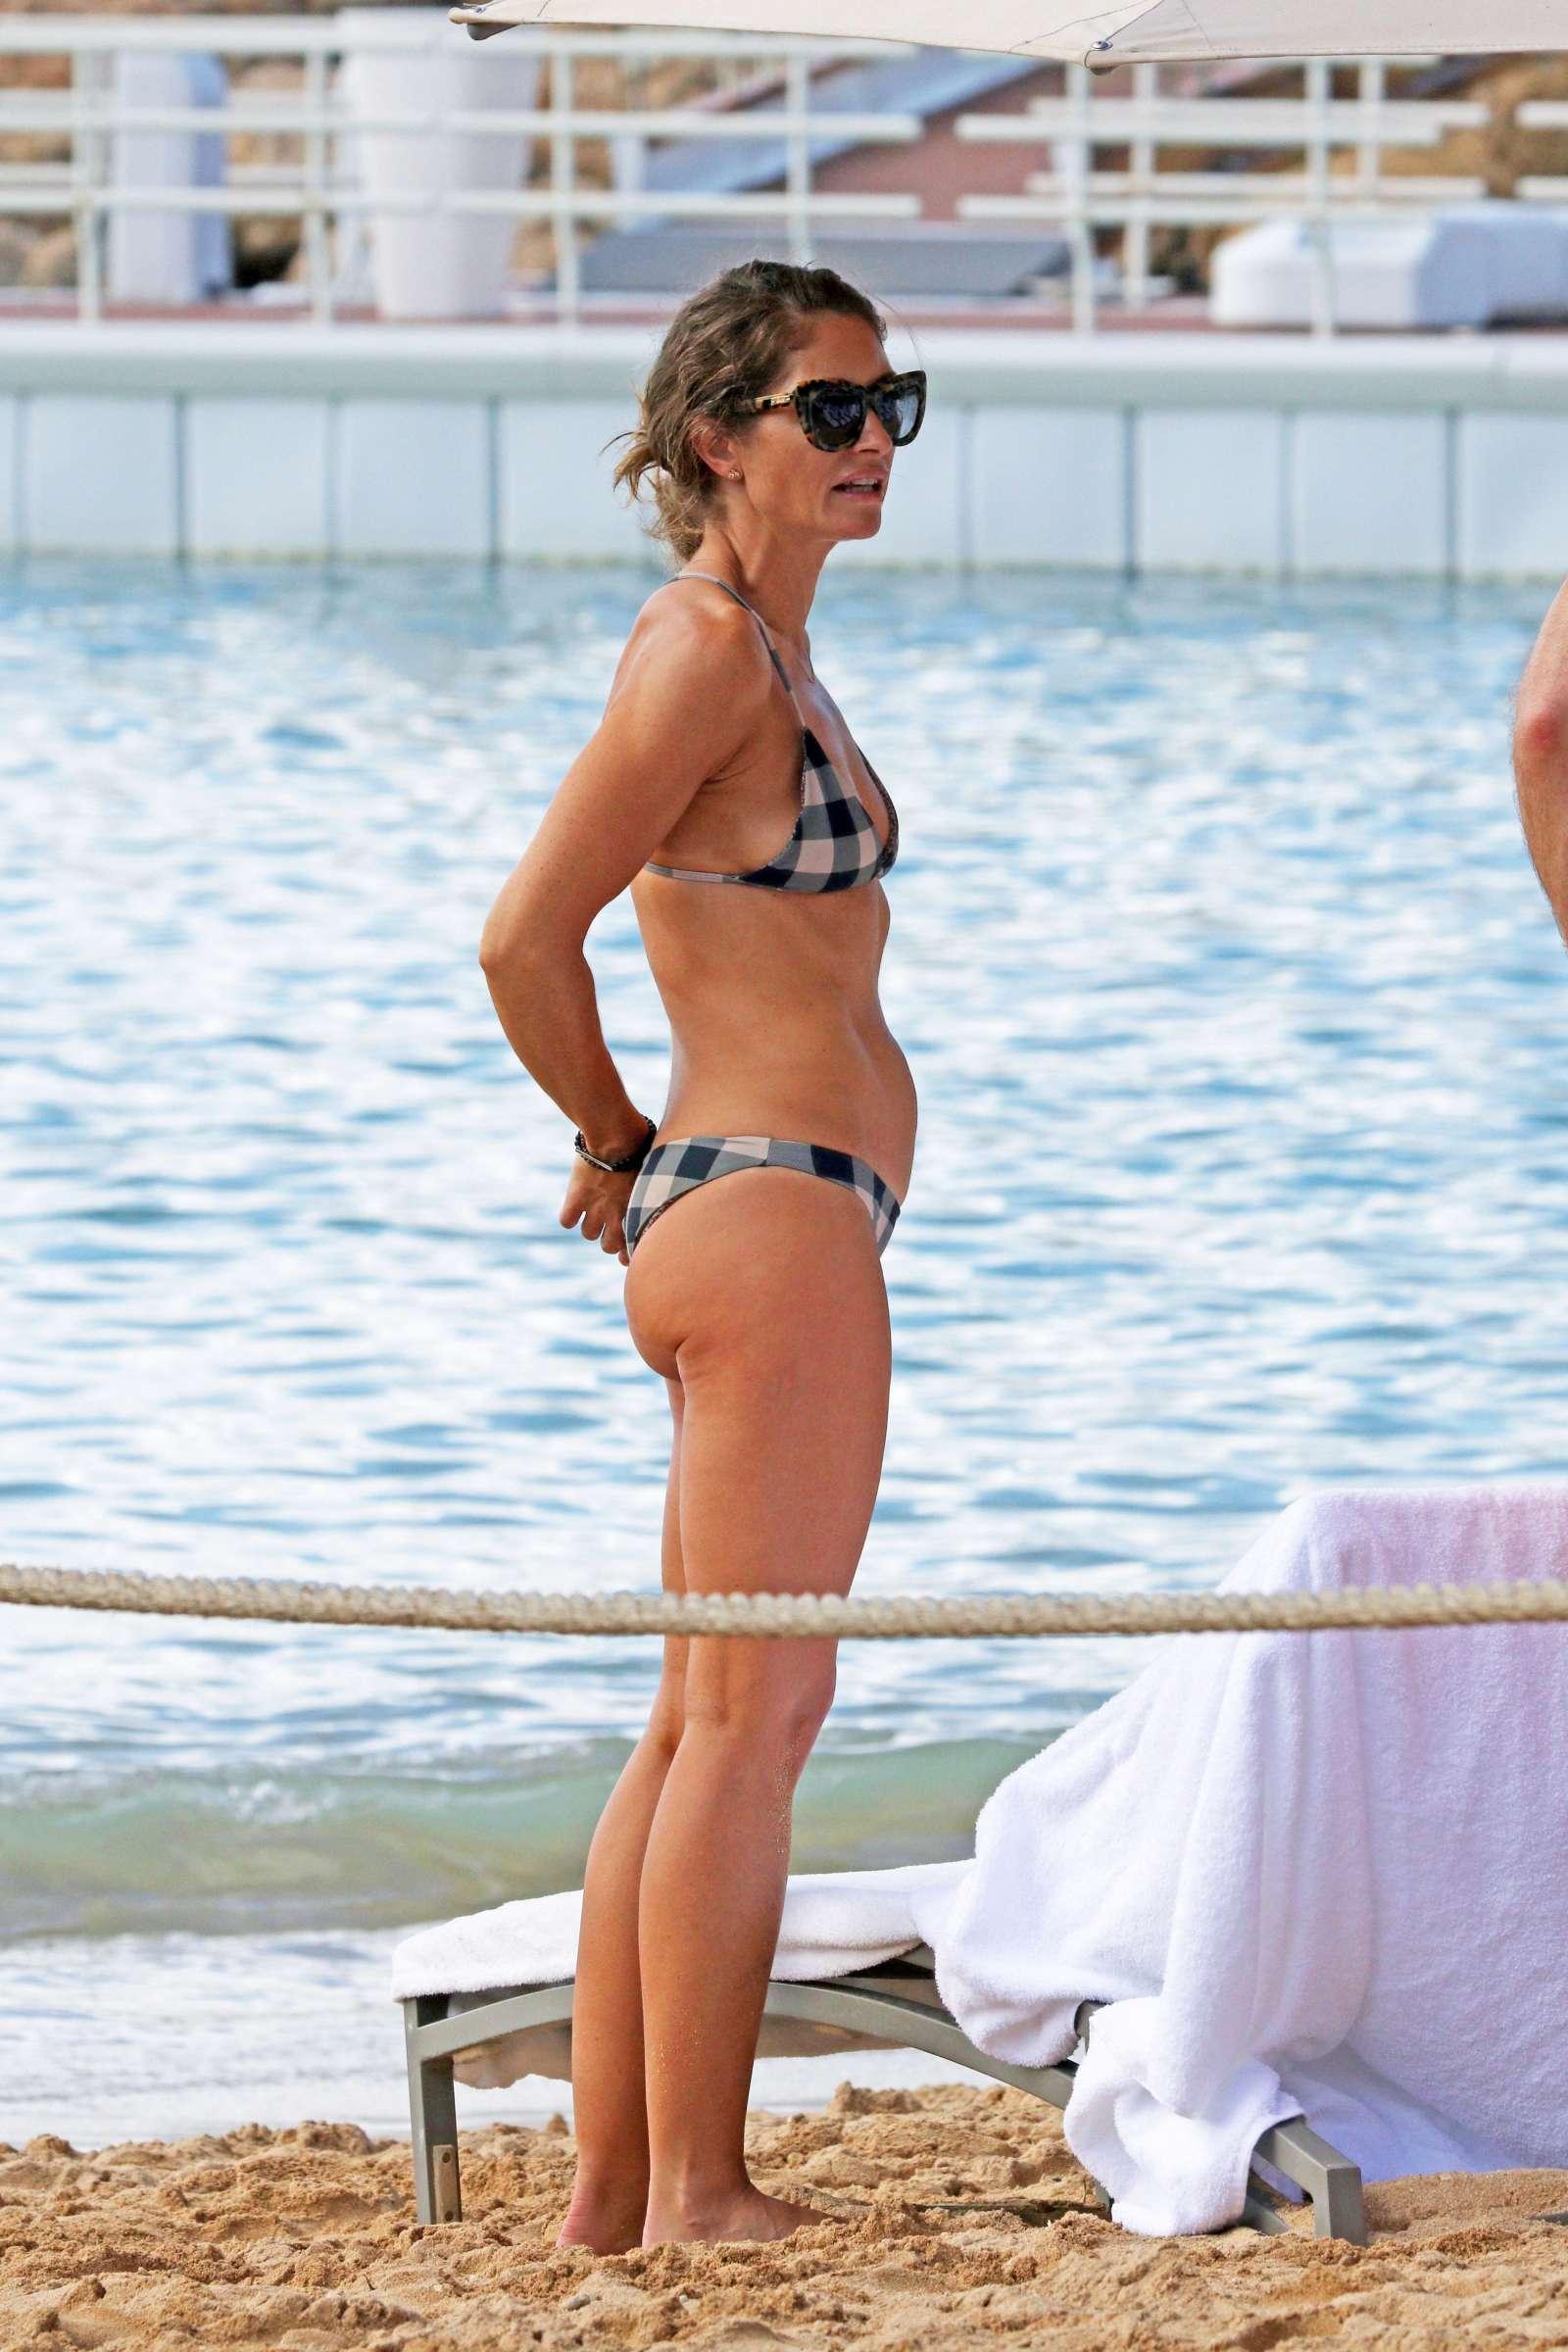 Rebecca Gayheart 2017 : Rebecca Gayheart in Bikini 2017 -03